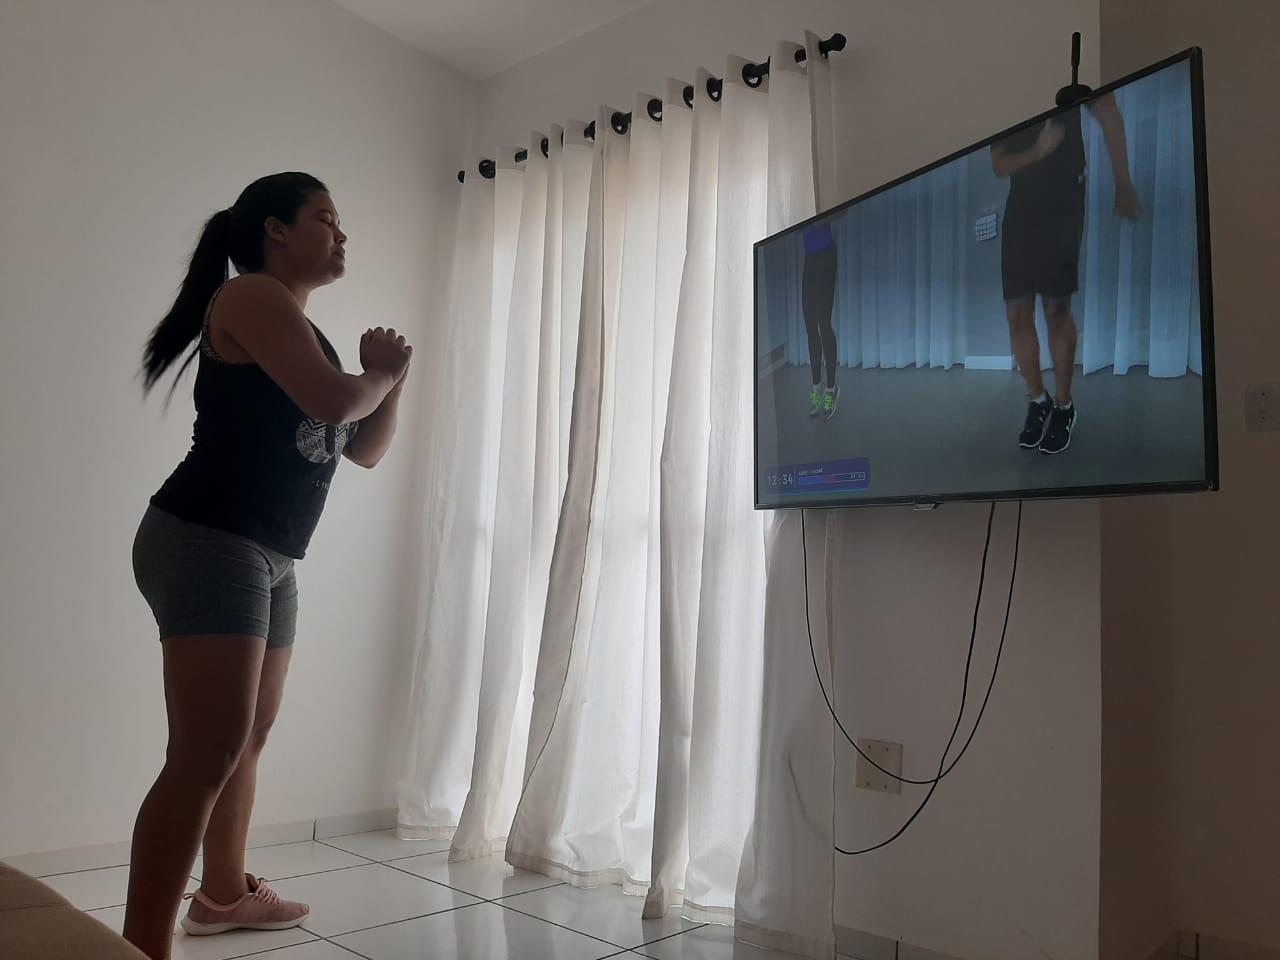 JULIANY OLIVEIRA TENTA FITDANCE EM CASA - Coronavírus: especialista dá dicas de como fazer exercícios físicos durante a quarentena para manter o corpo ativo